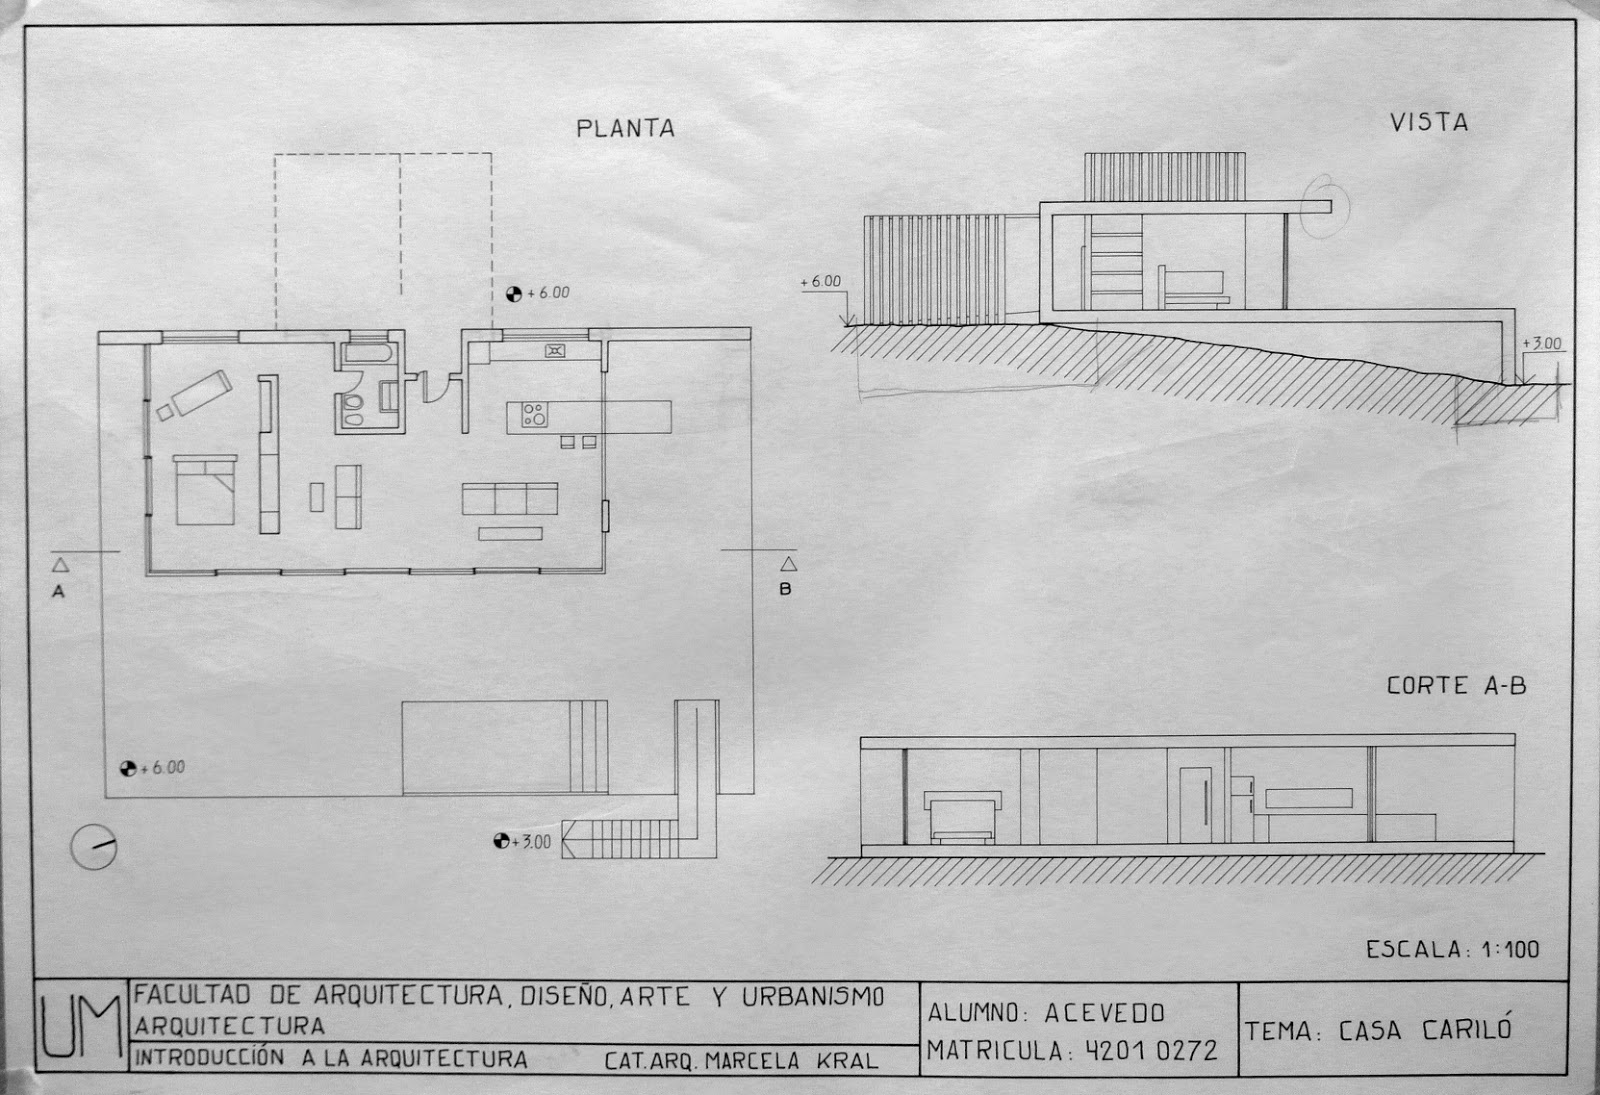 Elementos de dise o uno arquitectura plantas vistas y for Plantas de arquitectura